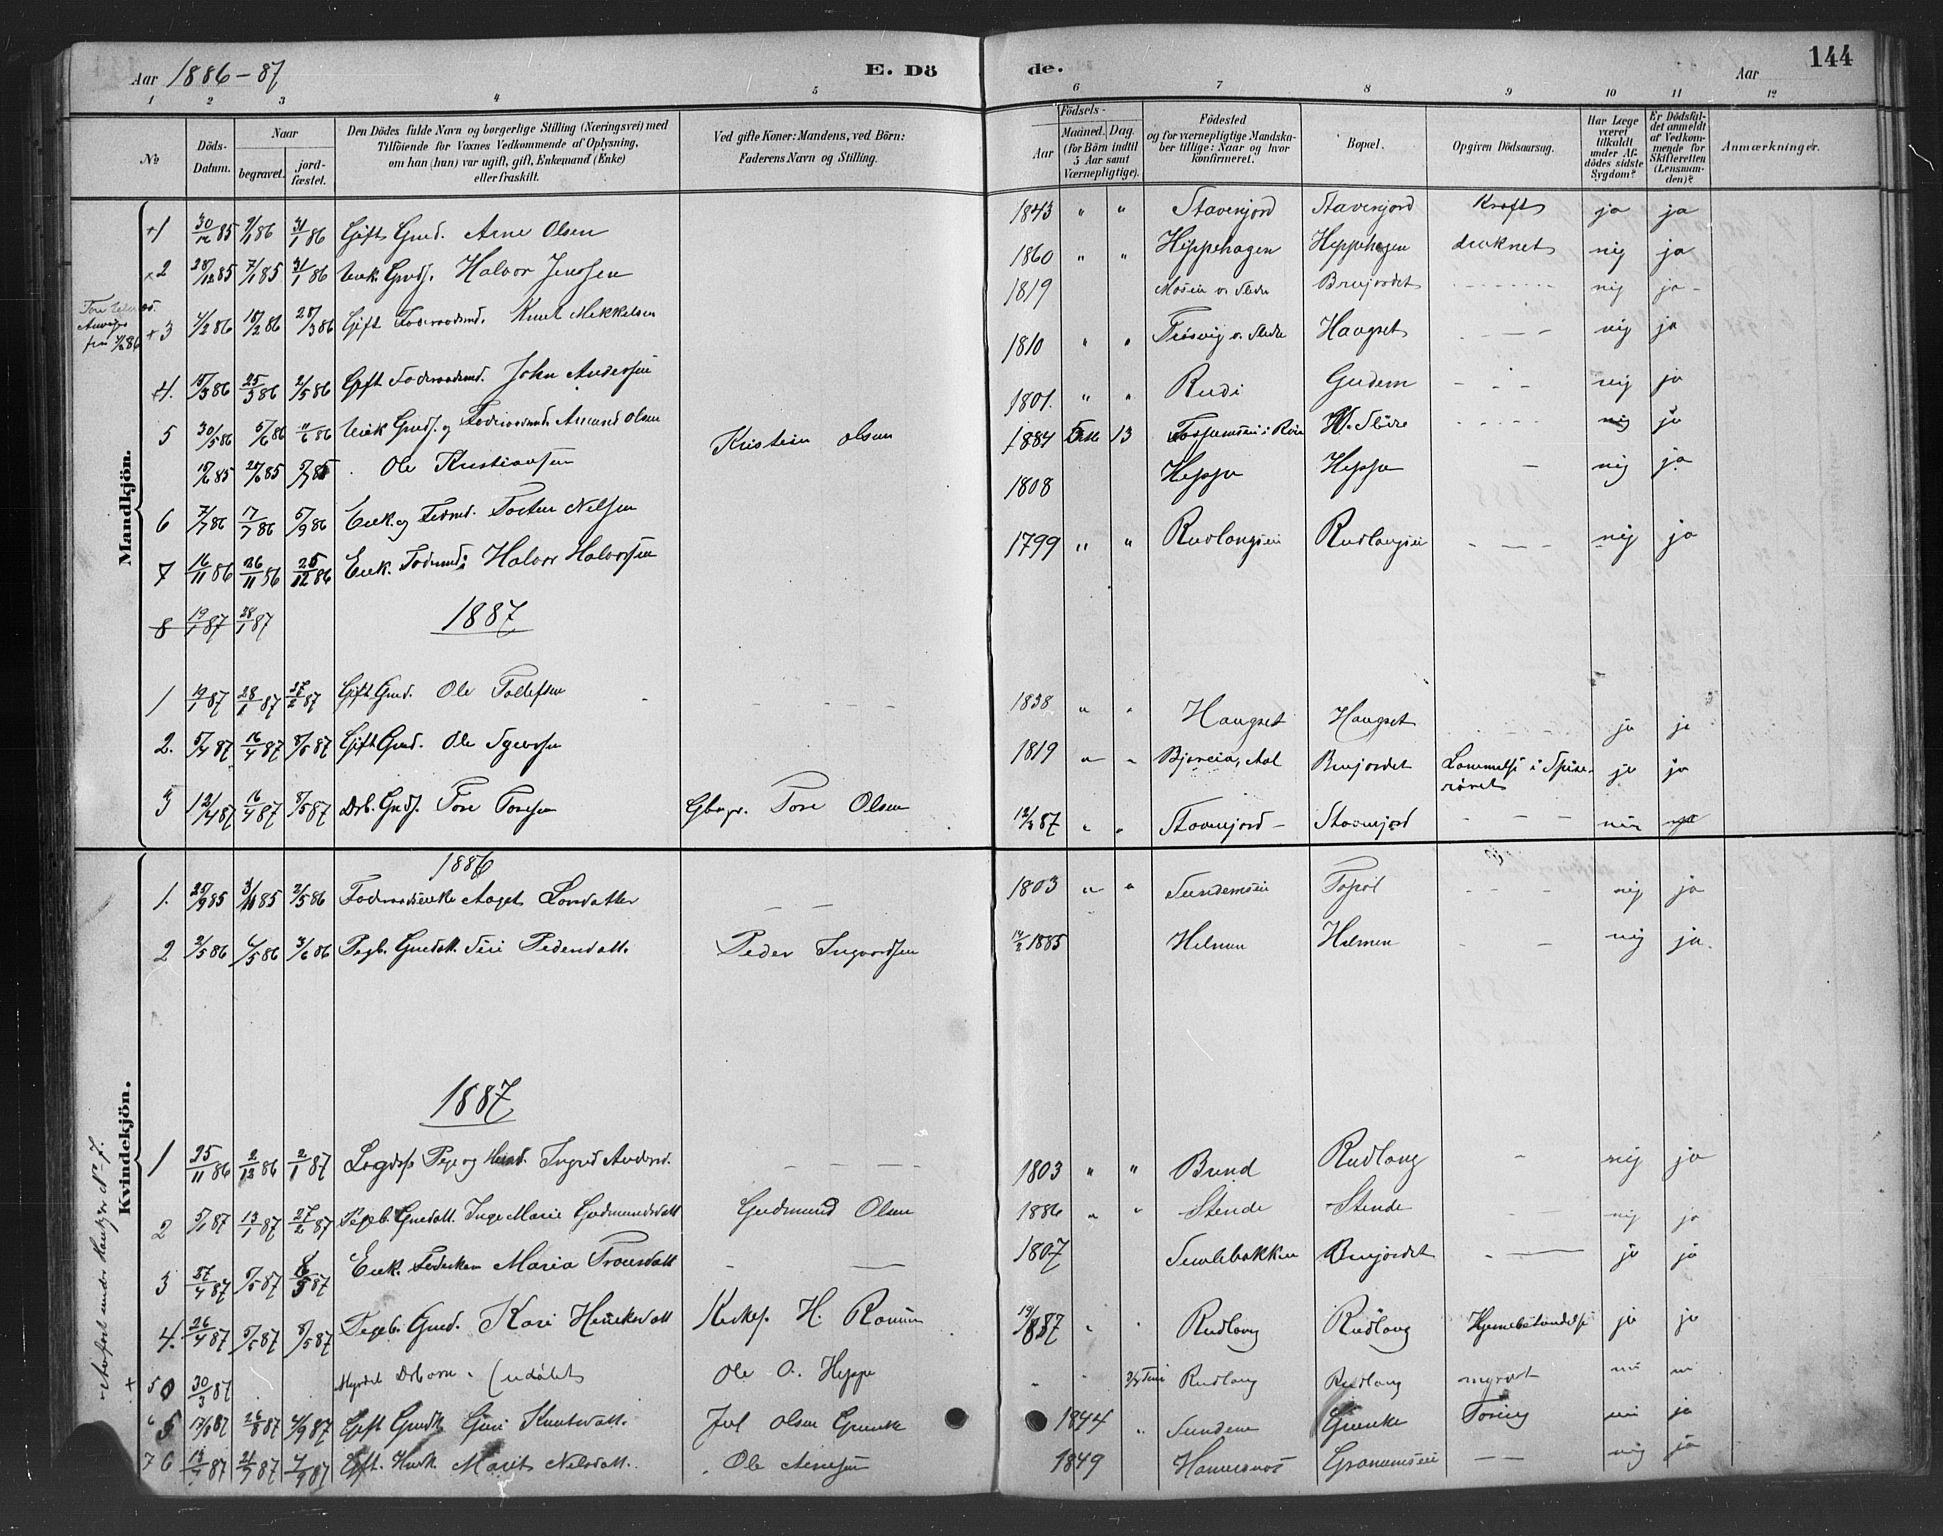 SAH, Nord-Aurdal prestekontor, Klokkerbok nr. 8, 1883-1916, s. 144